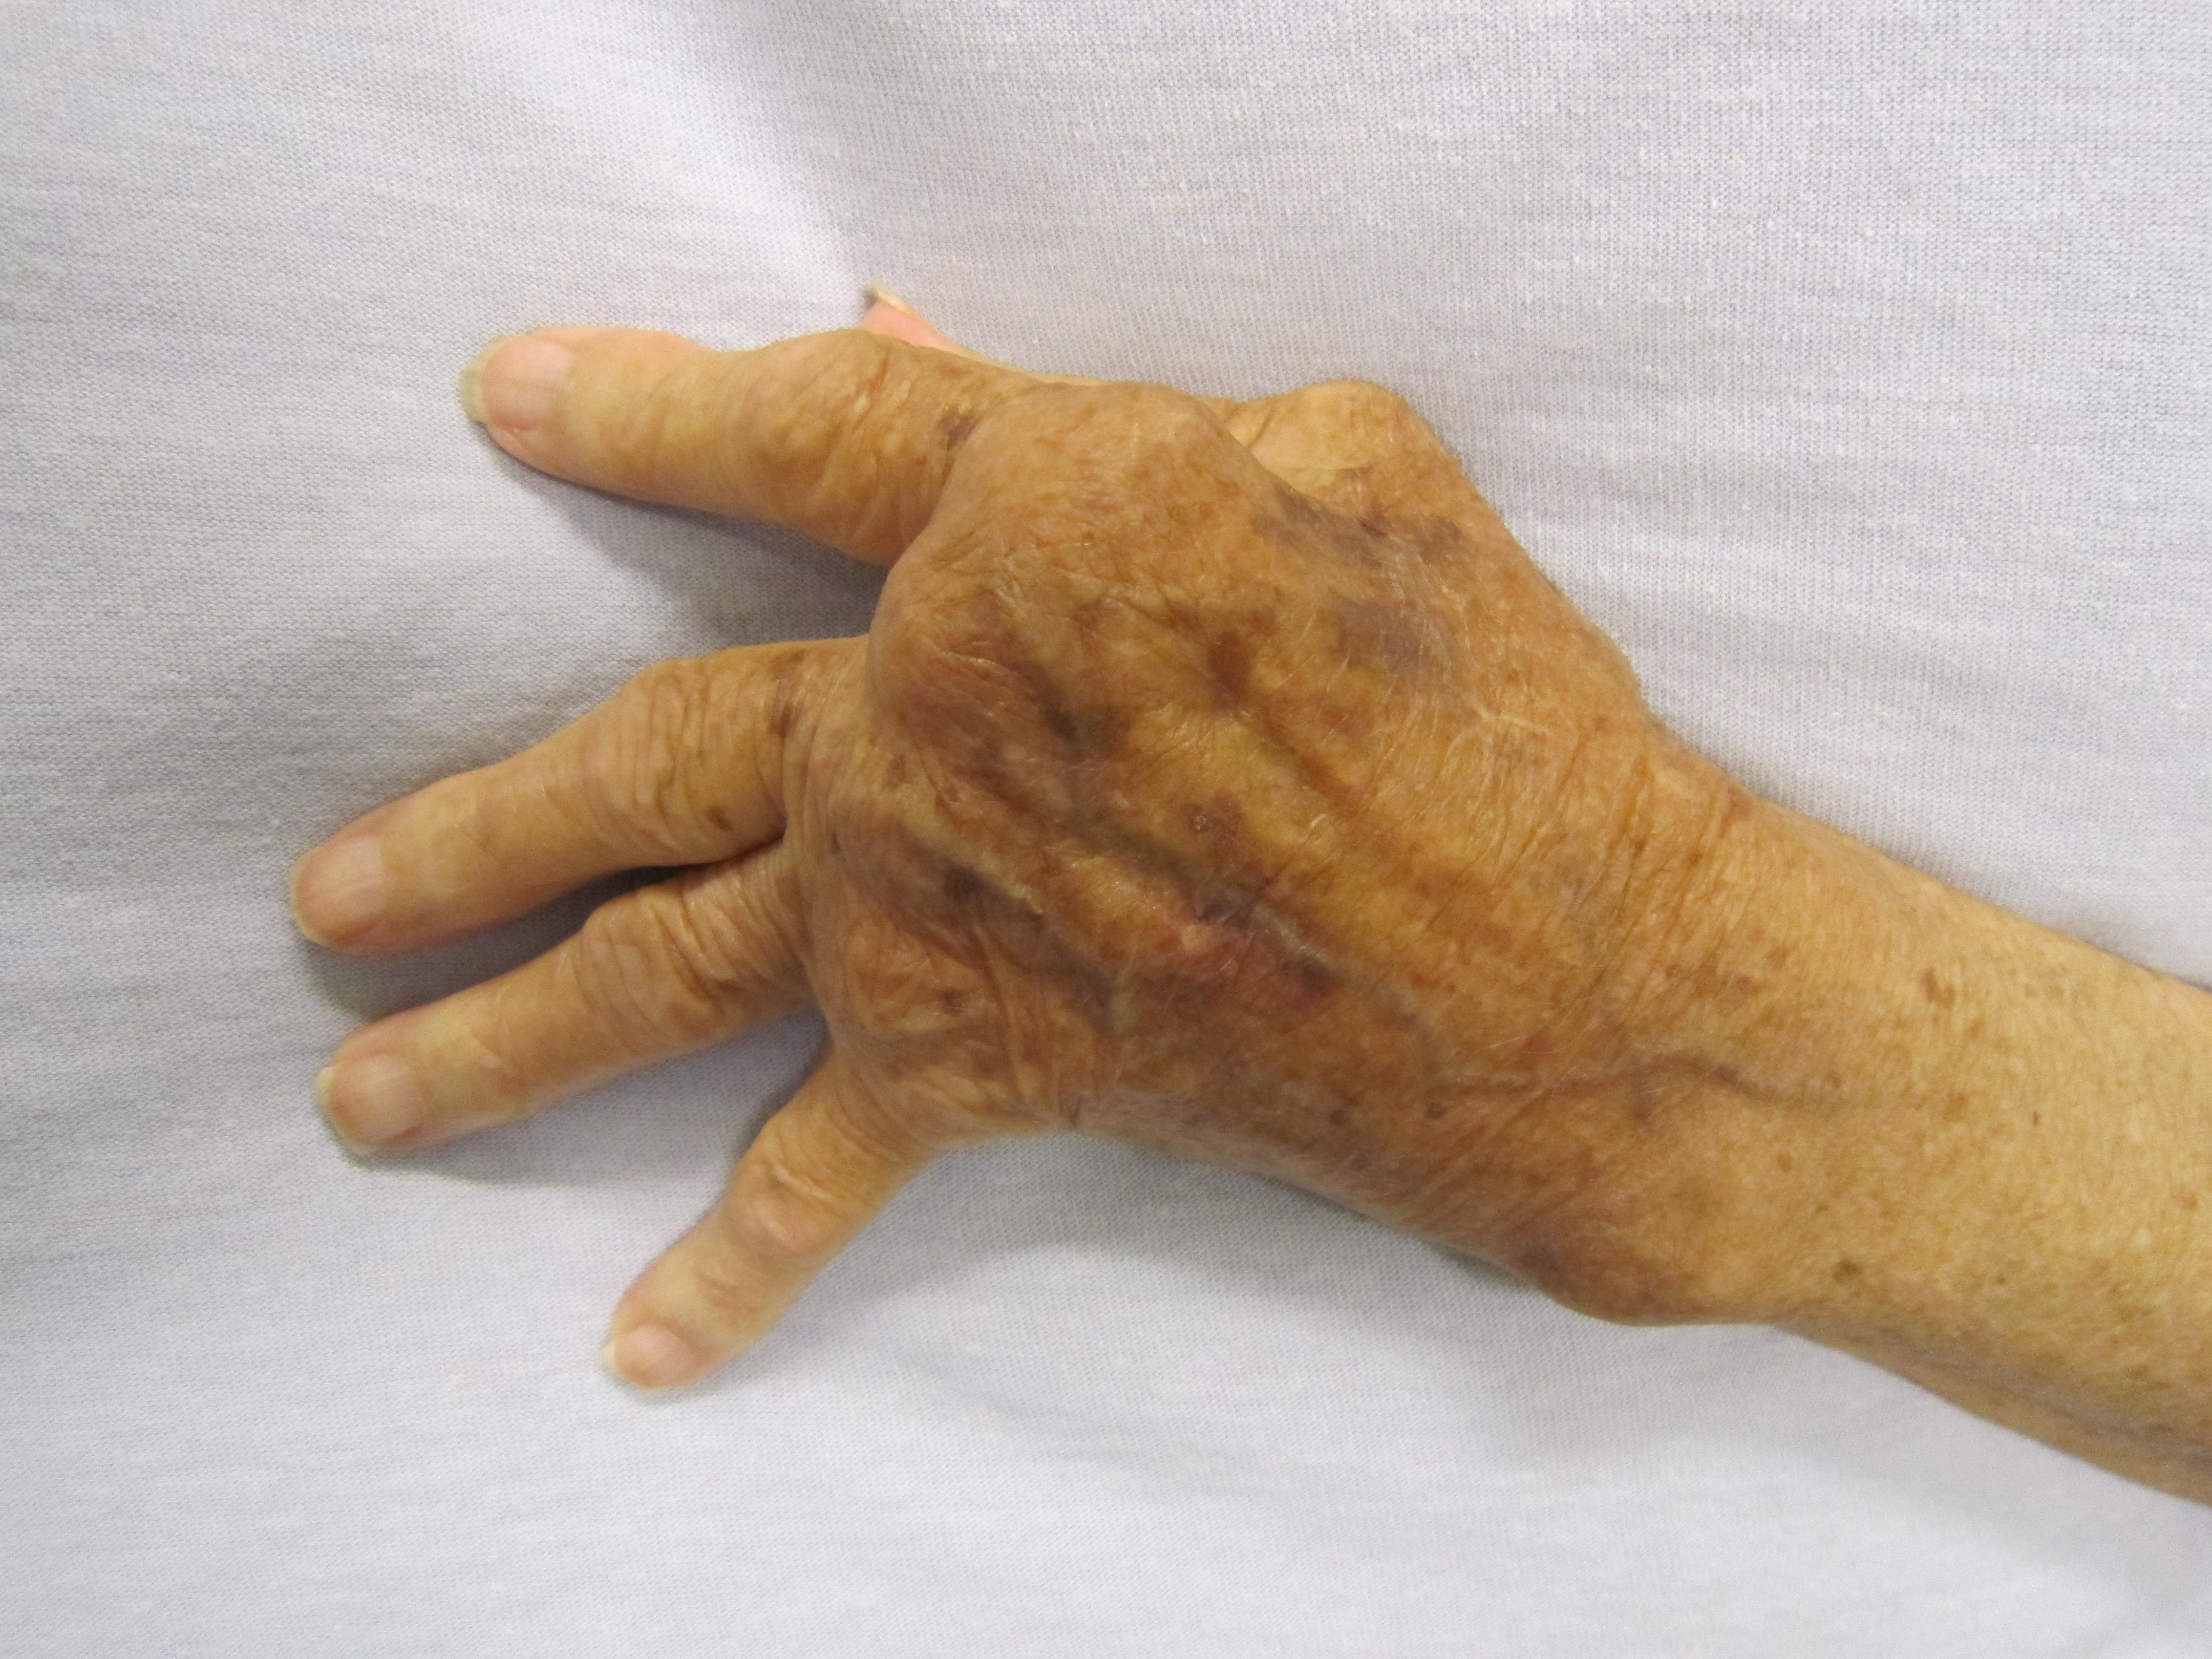 gyógyszer az artritisz kezelésére